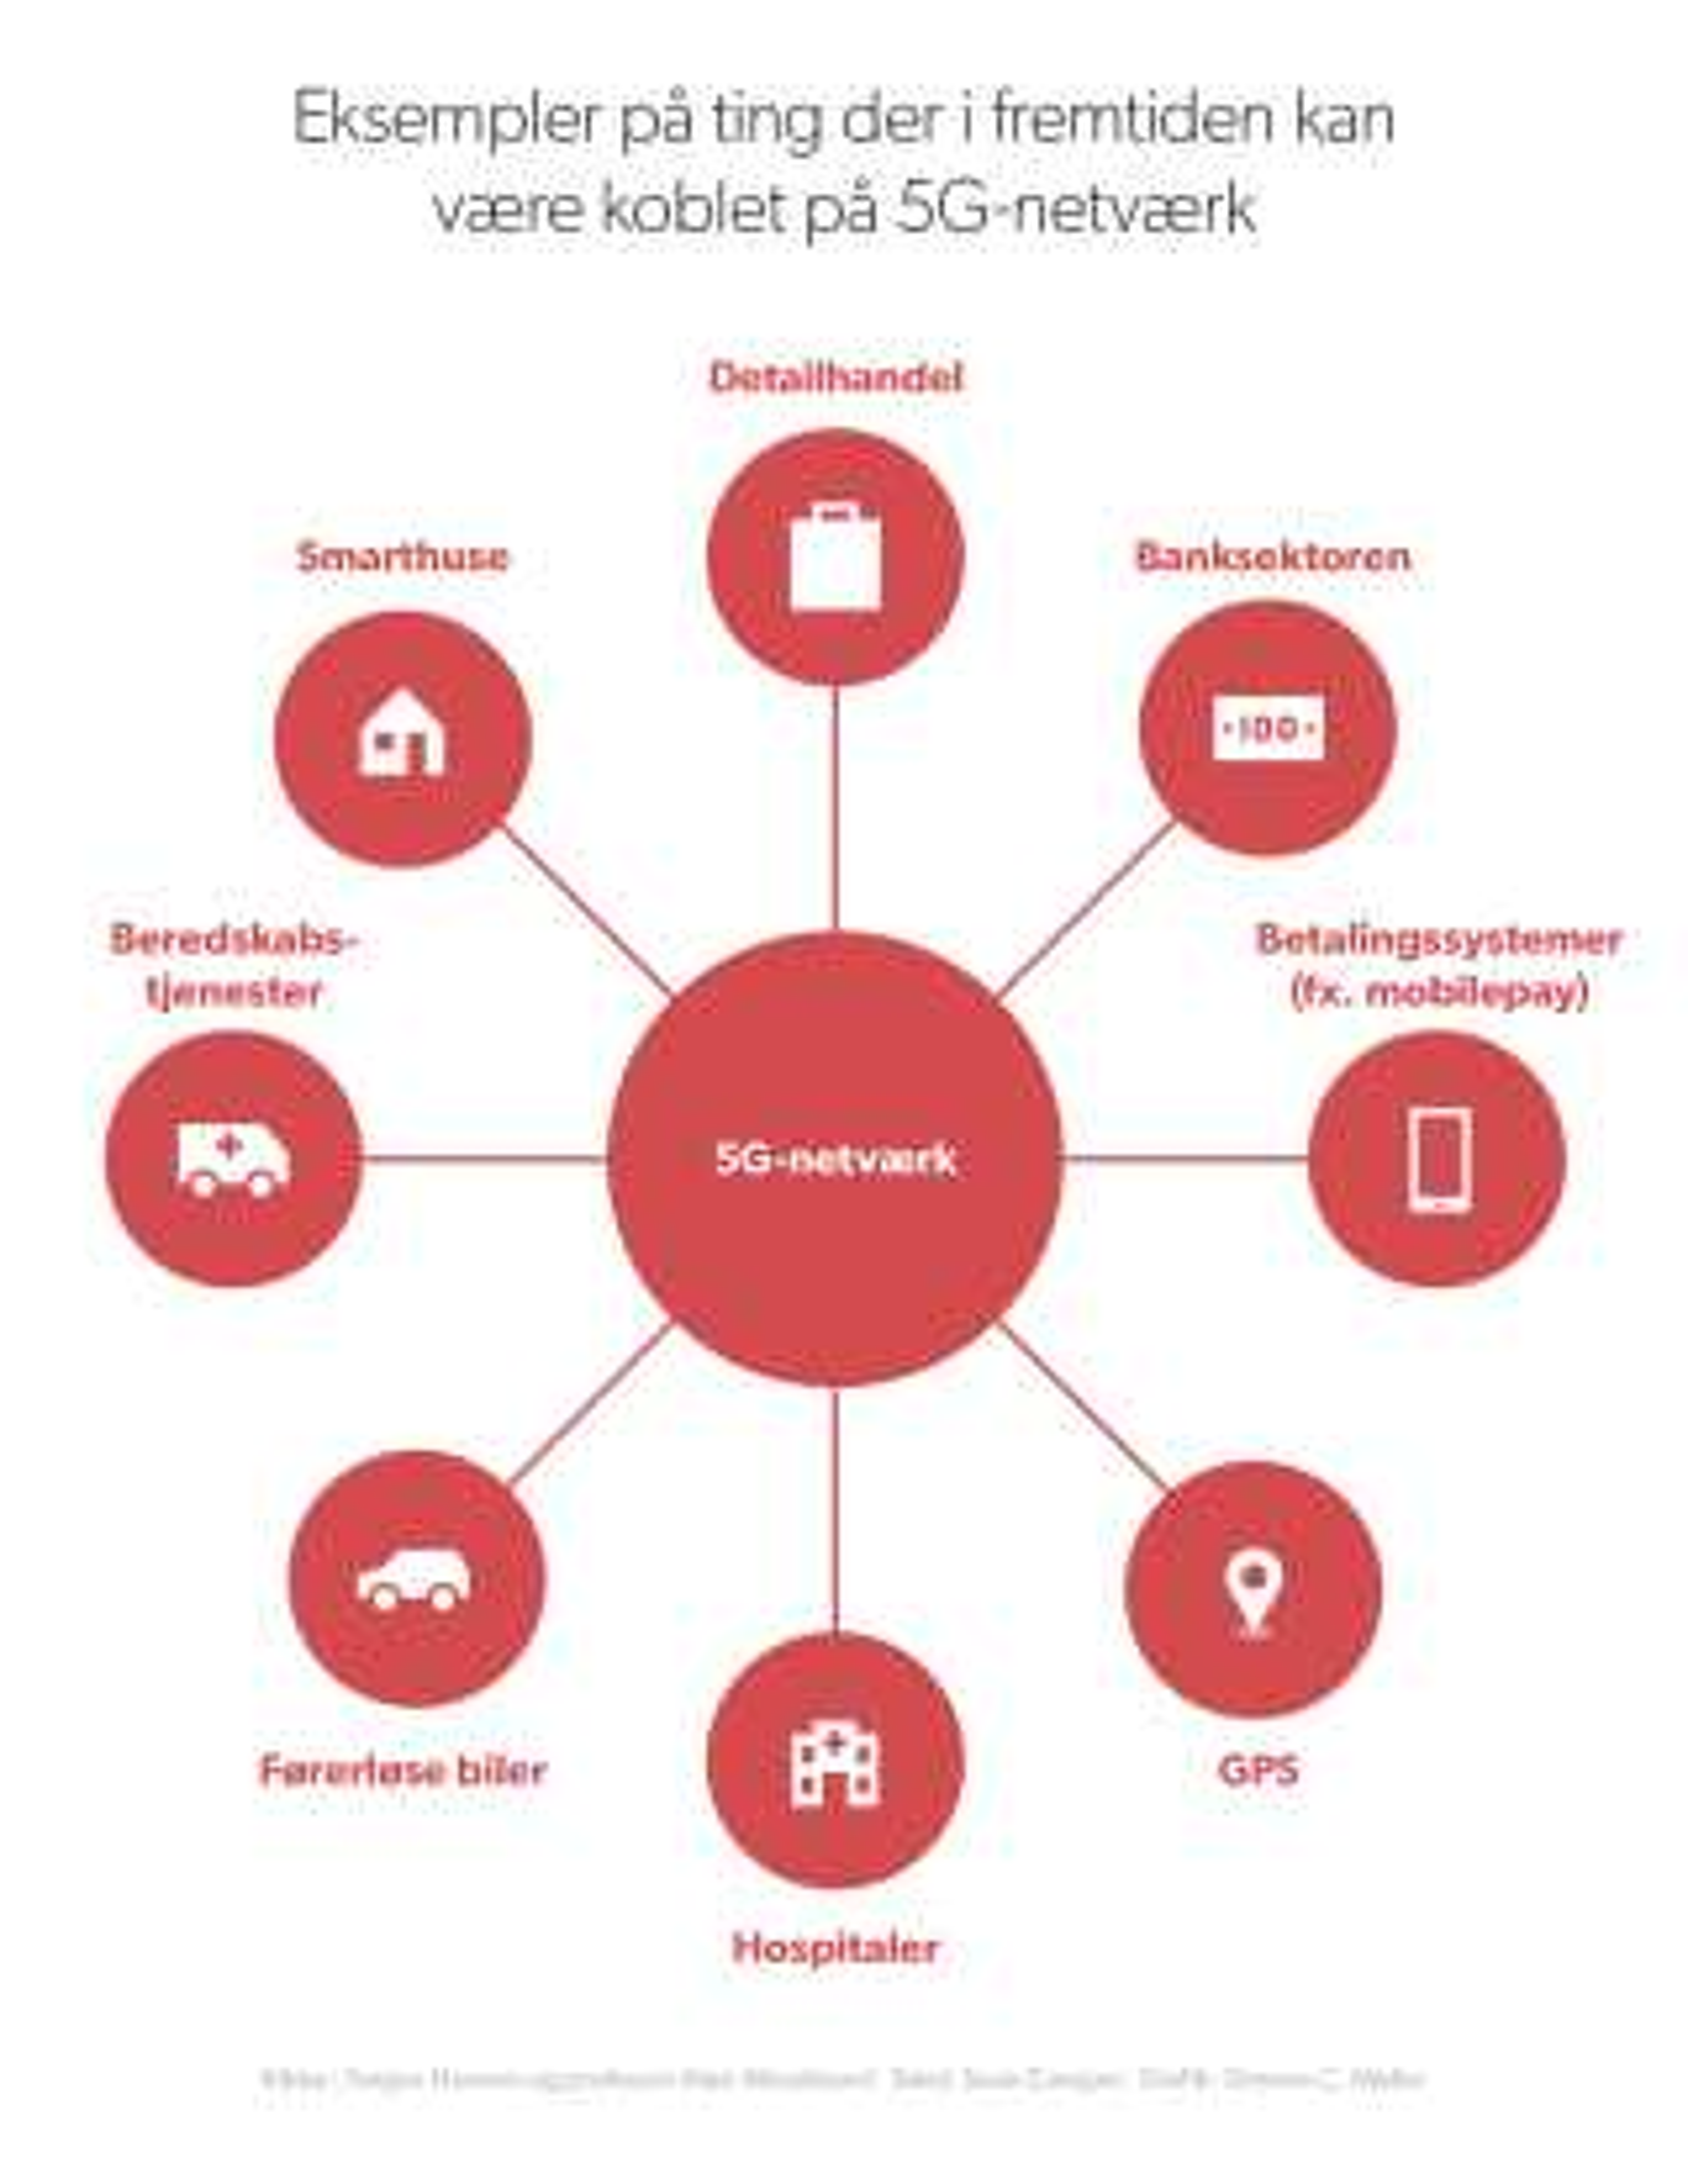 Fremtidens 5G-netværk kan få betydning for en lang række områder.